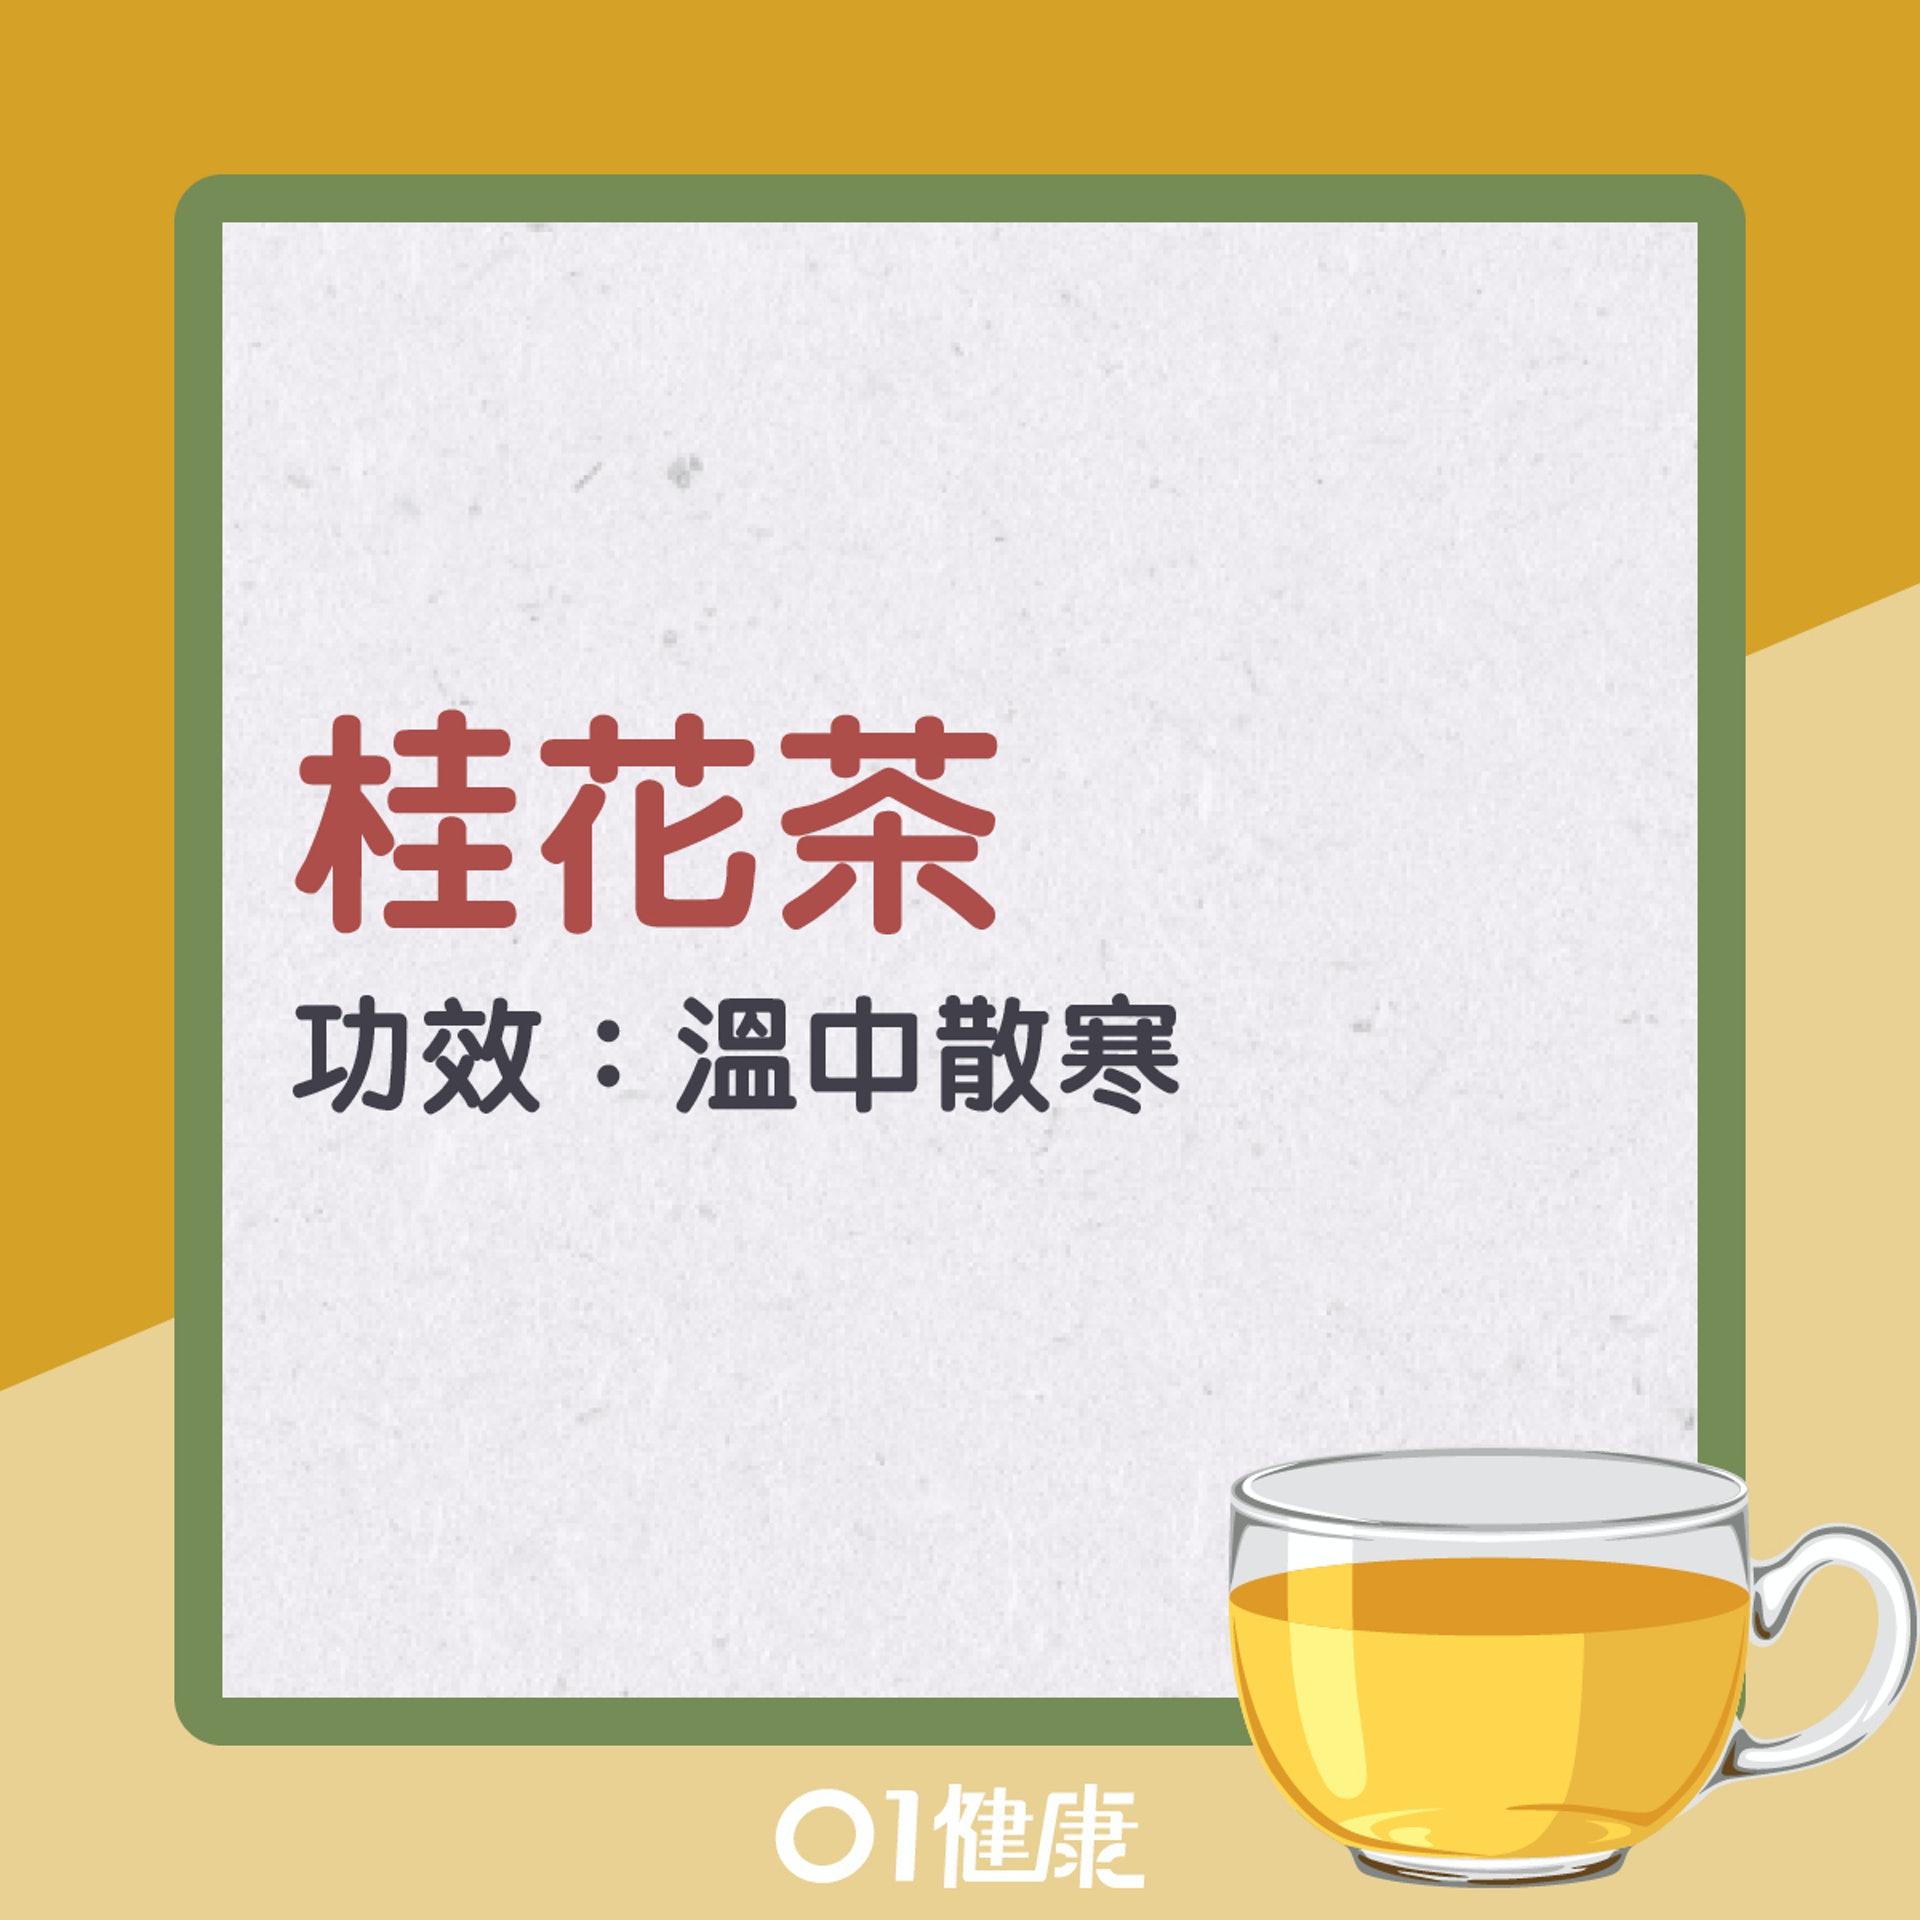 桂花茶(01製圖)